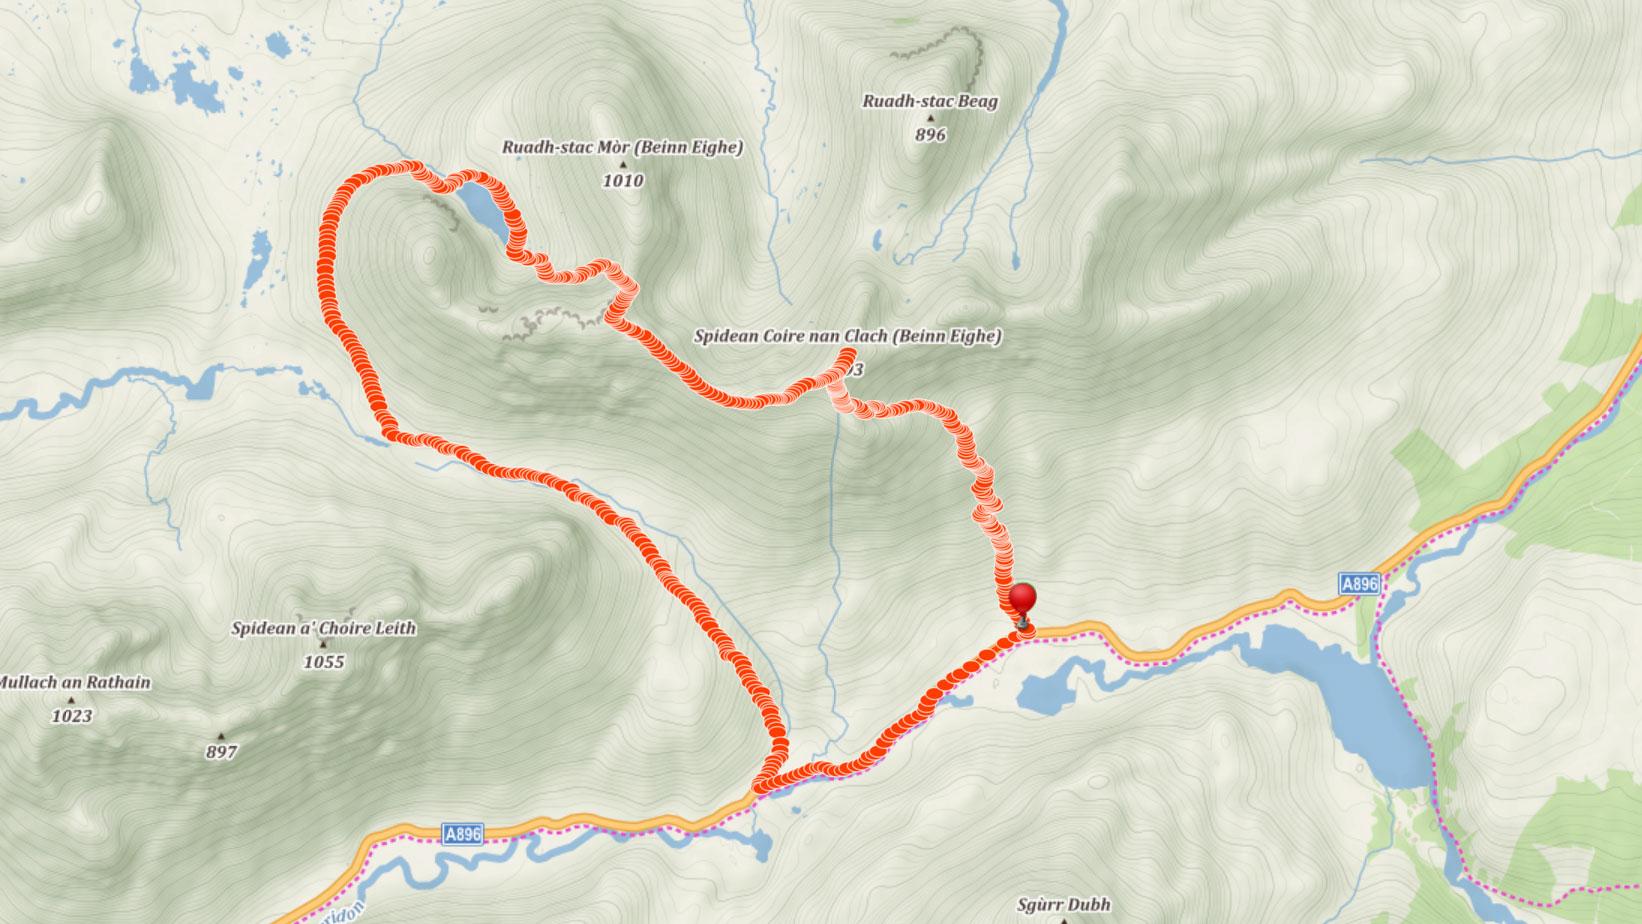 Popisovaná trasa po hřebeni Beinn Eighe